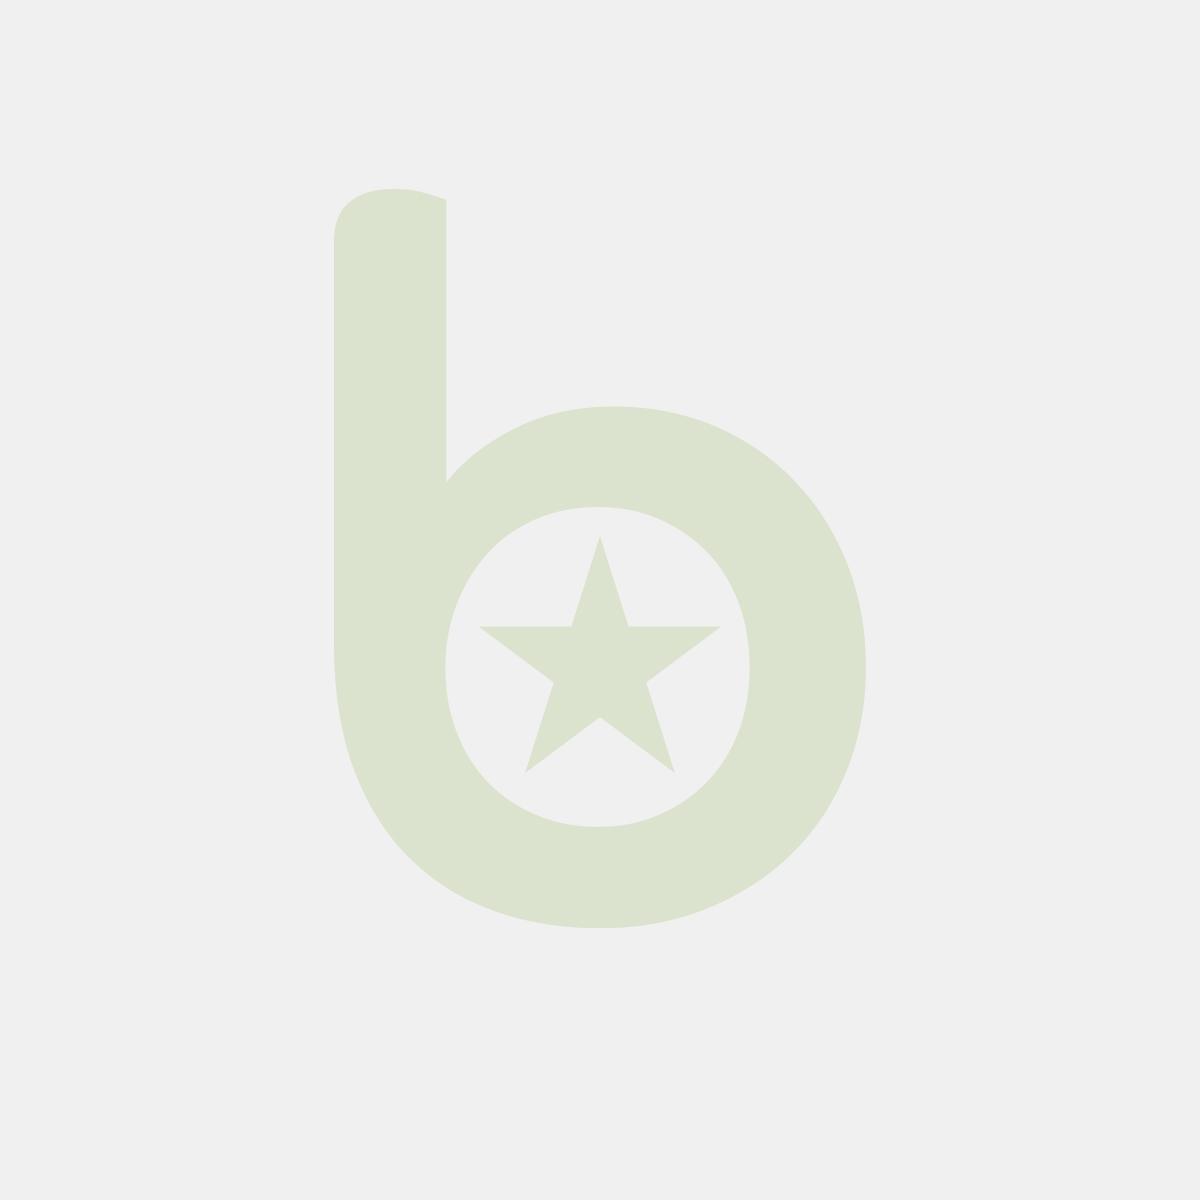 Tacka styropianowa biała nr 11 (290x210x28mm), cena za 125 sztuk